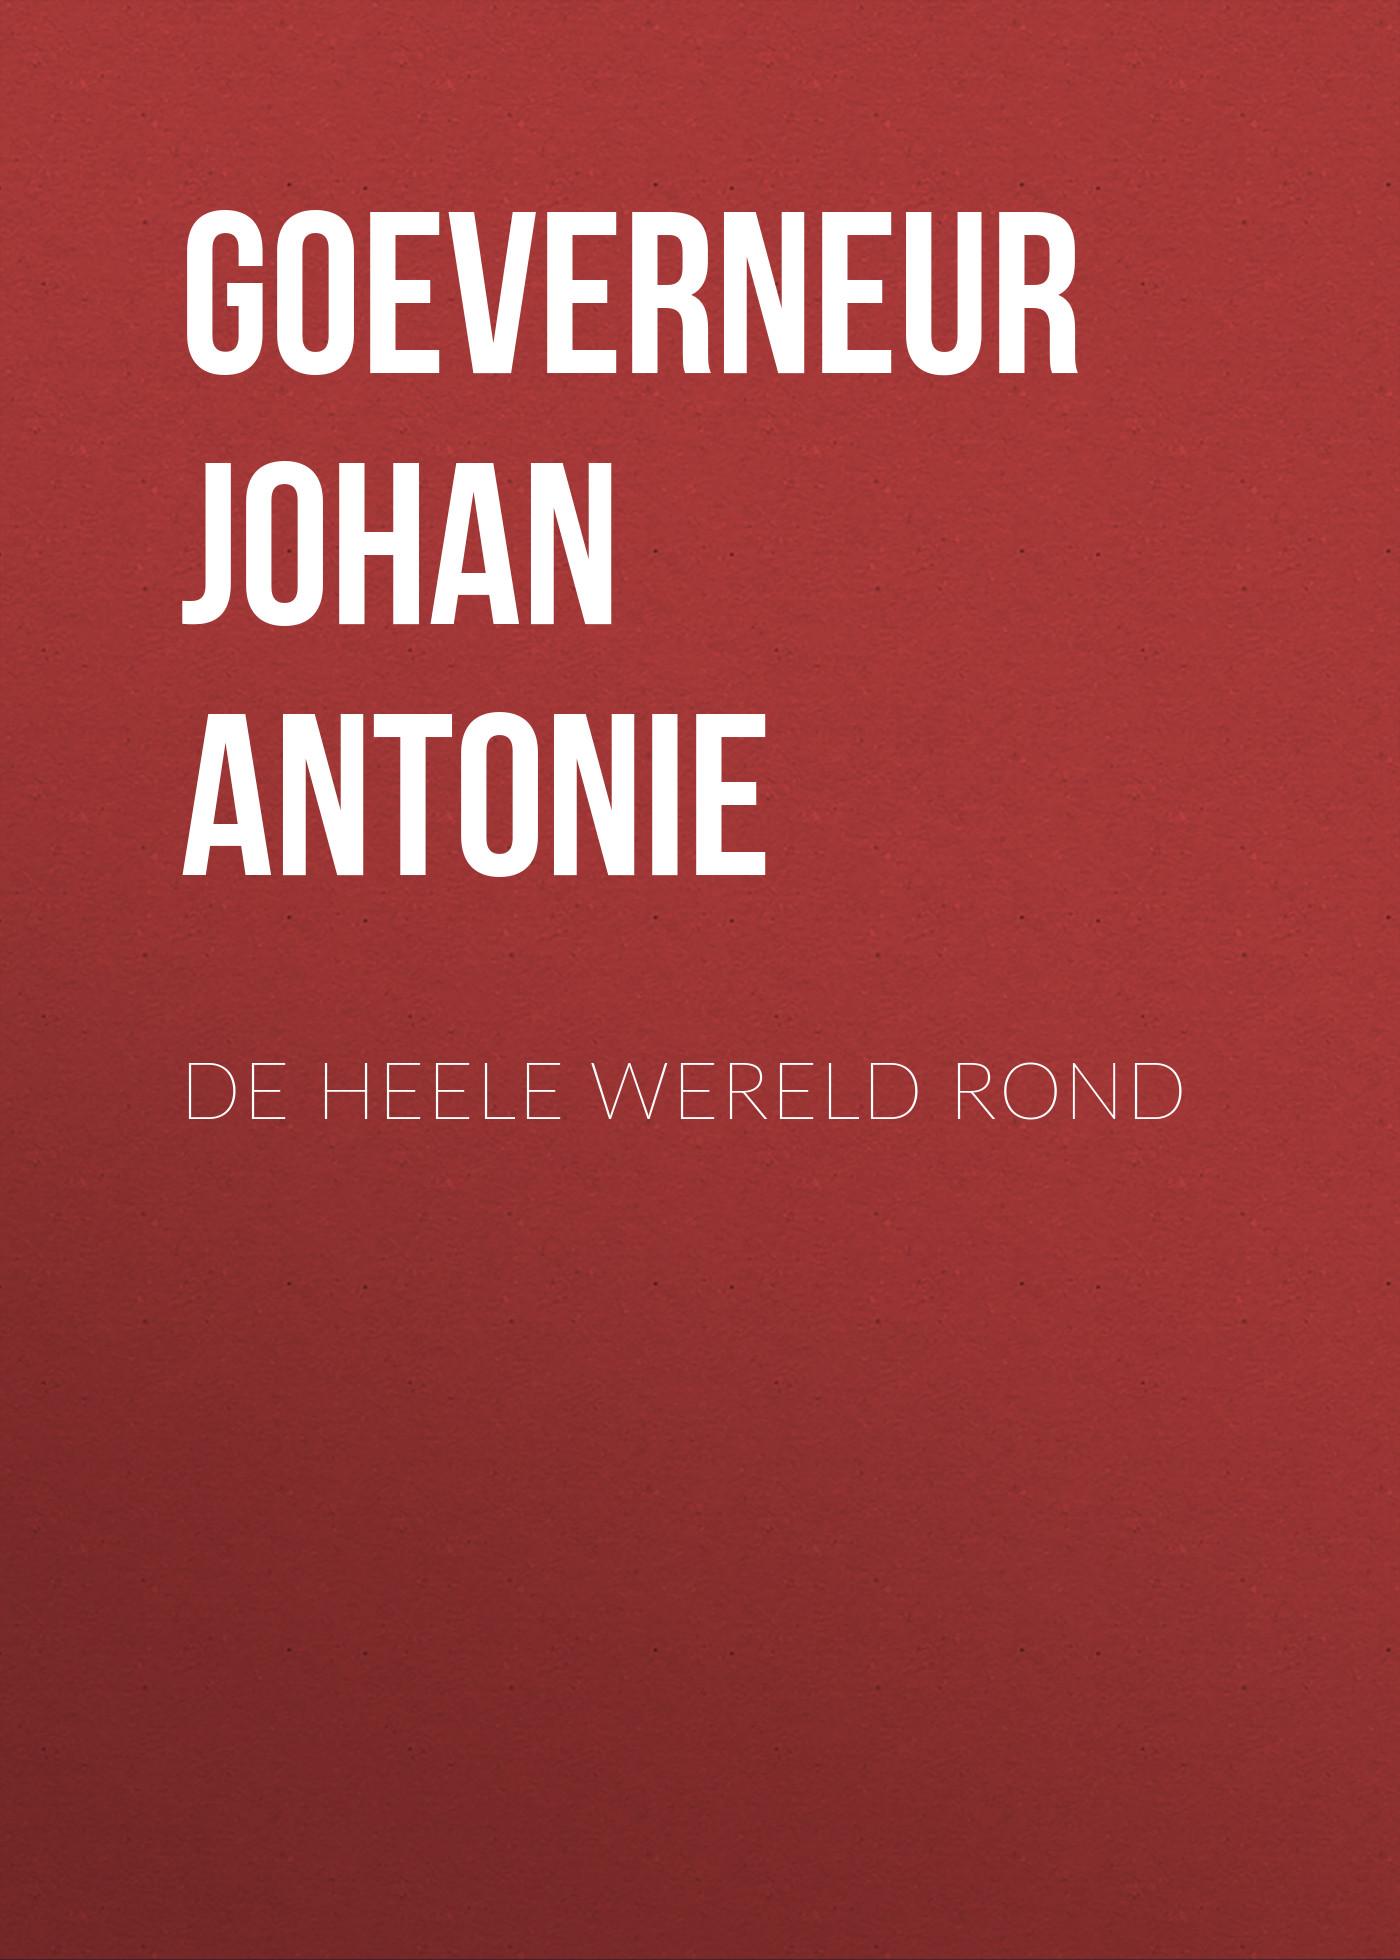 Goeverneur Johan Jacob Antonie De heele wereld rond herman johan robbers de vreemde plant